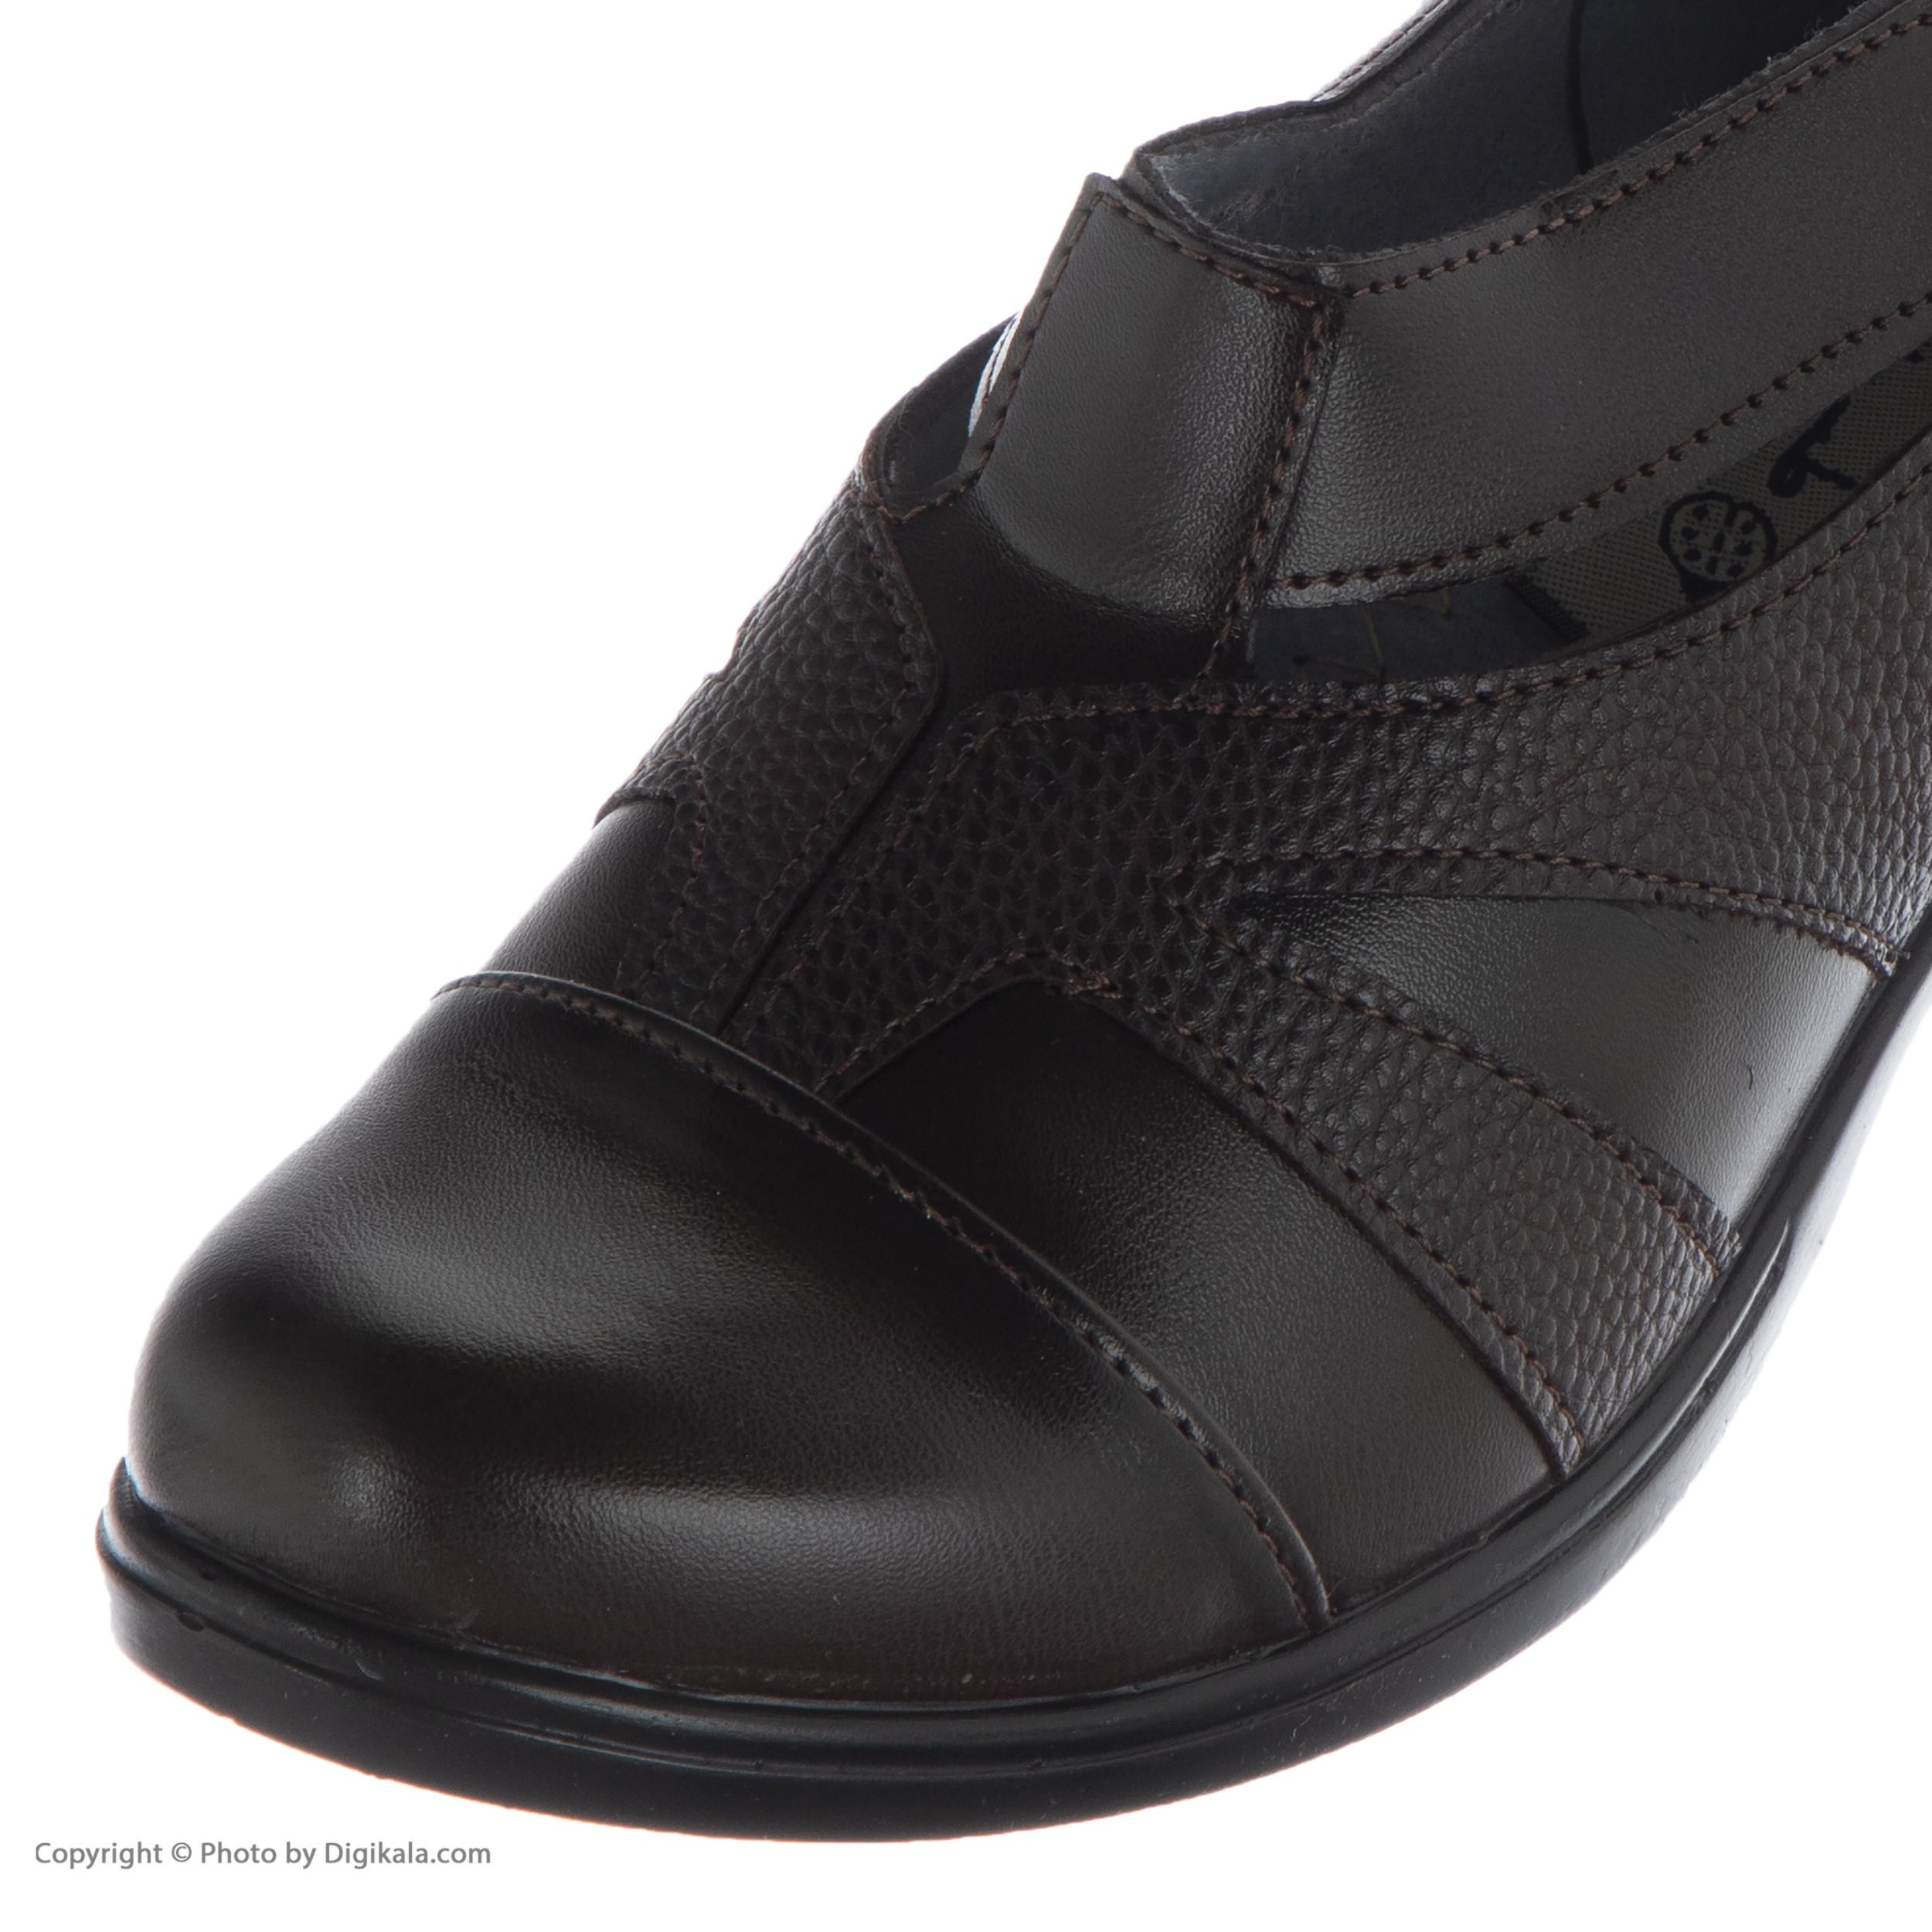 کفش نه طبی سینا مدل رها  کد 2 رنگ قهوه ای